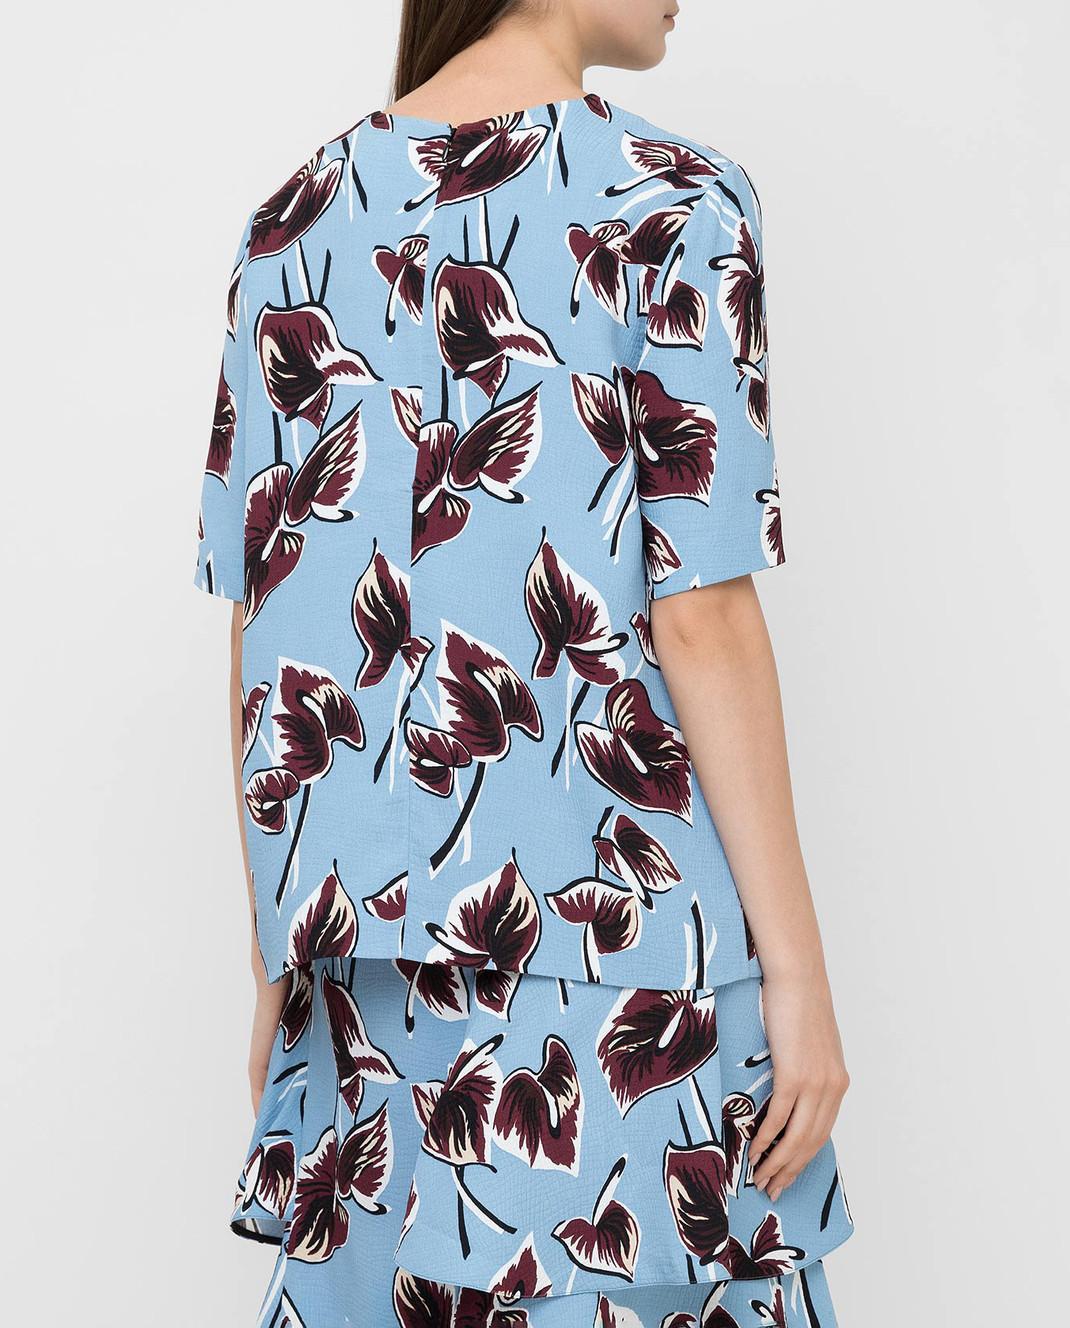 Marni Голубая блуза CAMAQ28A00TV456 изображение 4